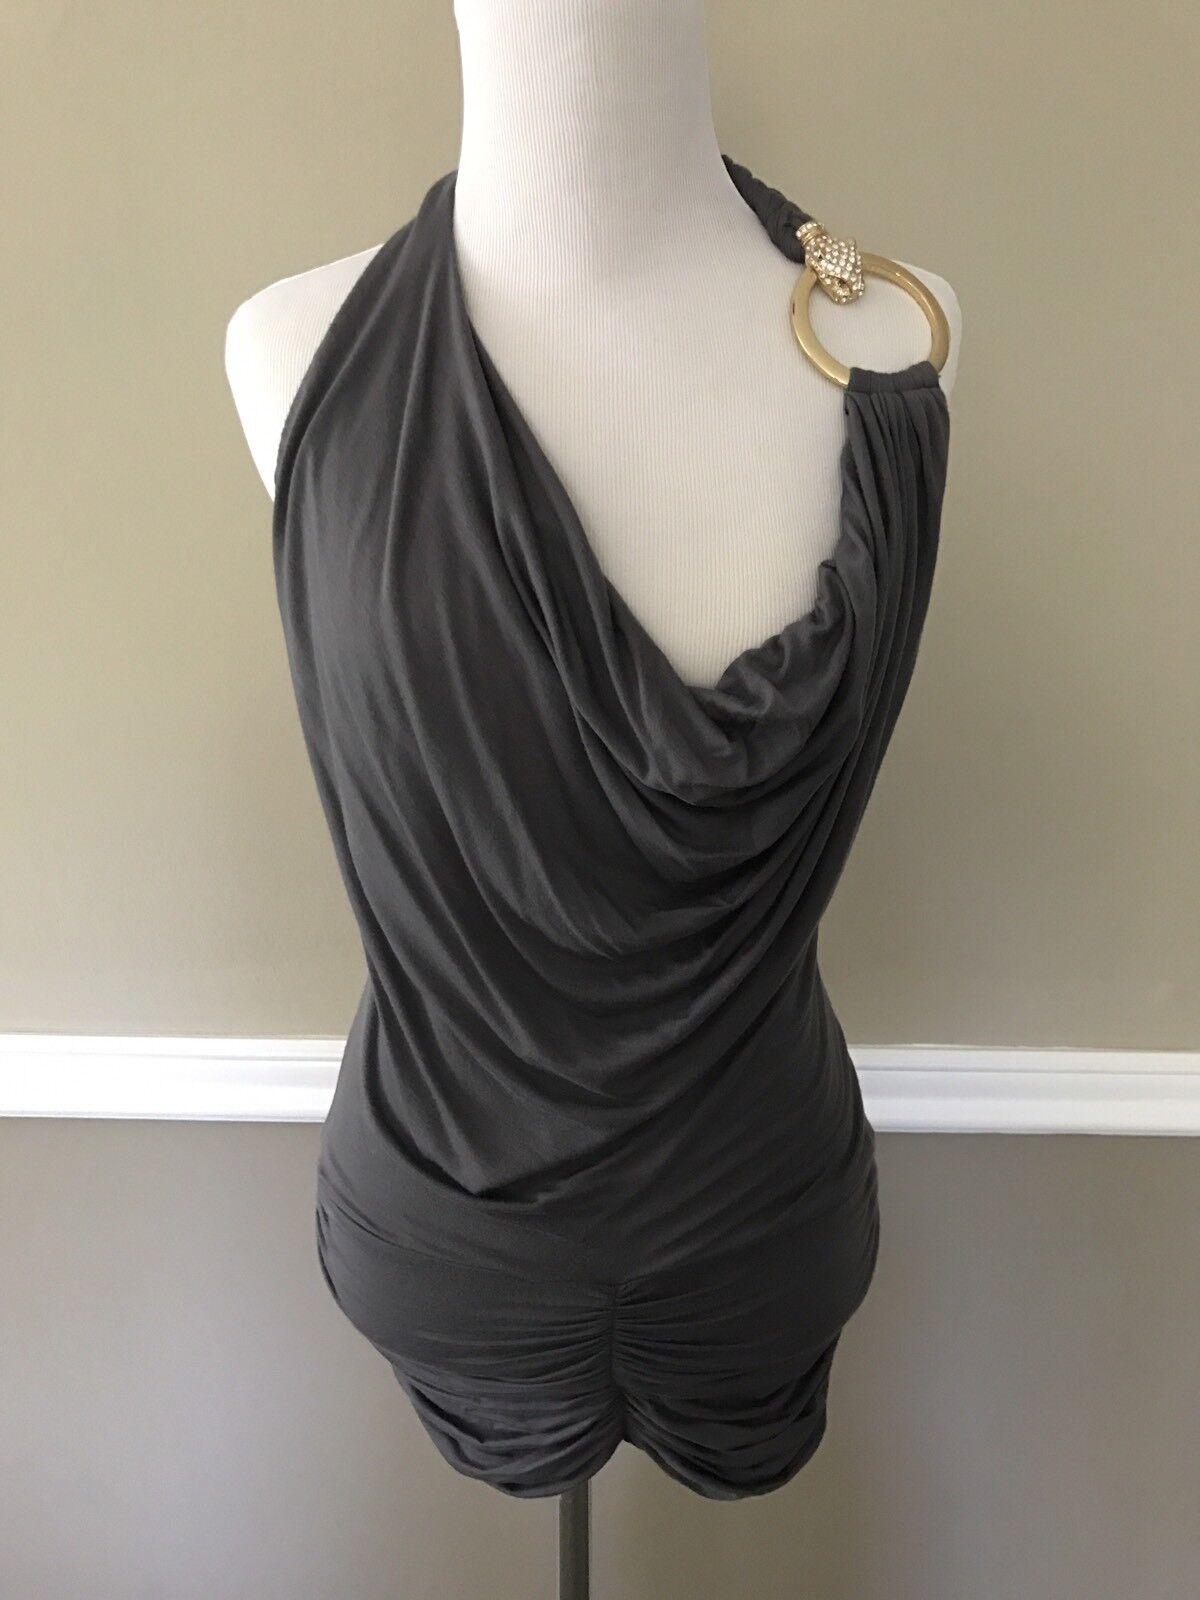 Brand New w Tags Women's SKY Izzo Dress With Stones & Jewels Size S